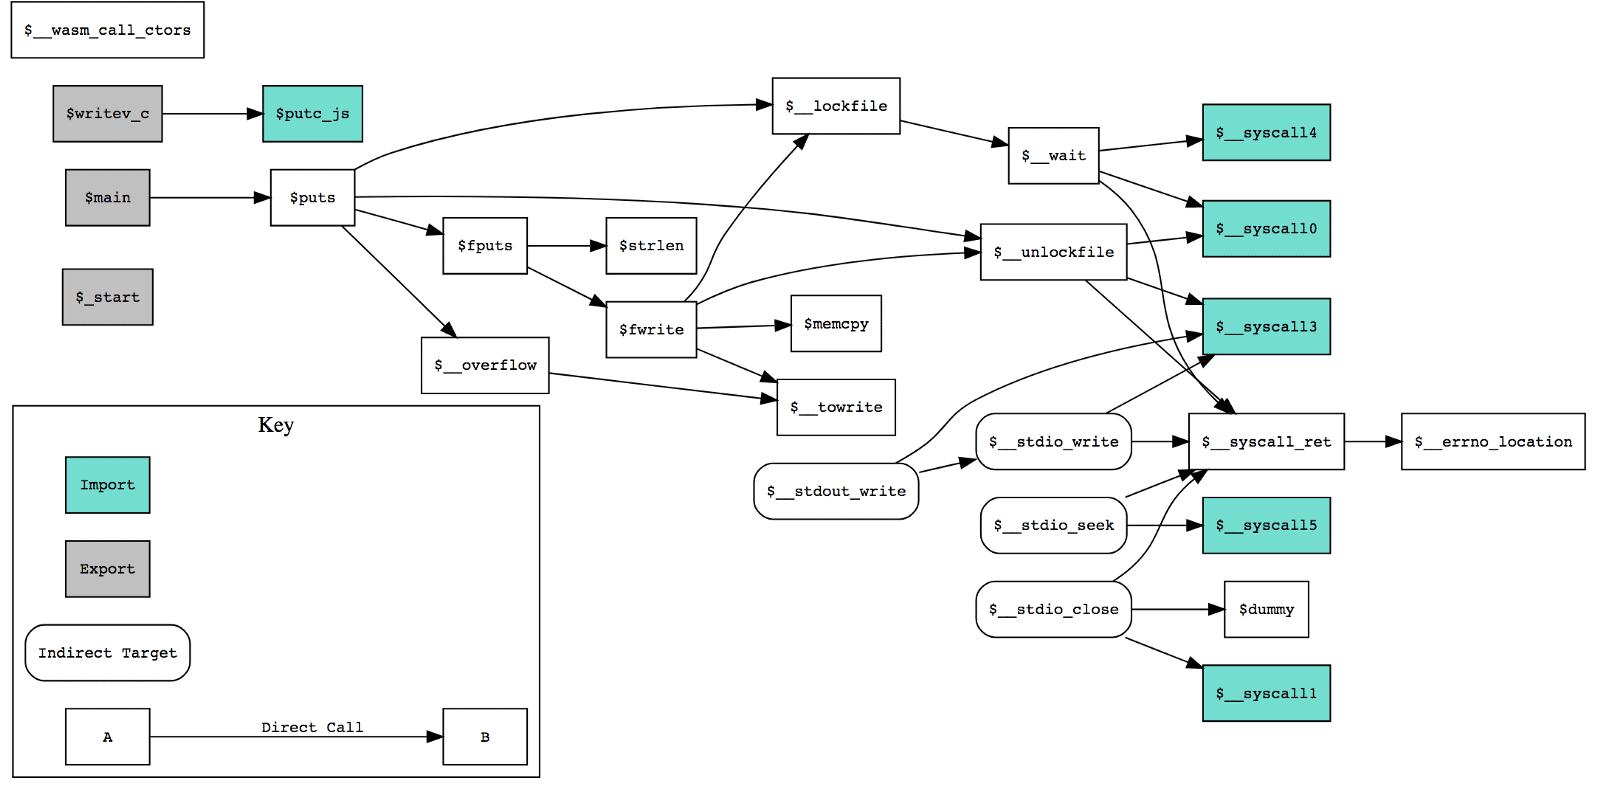 Das Tool kann einen Call-Graph erstellen.